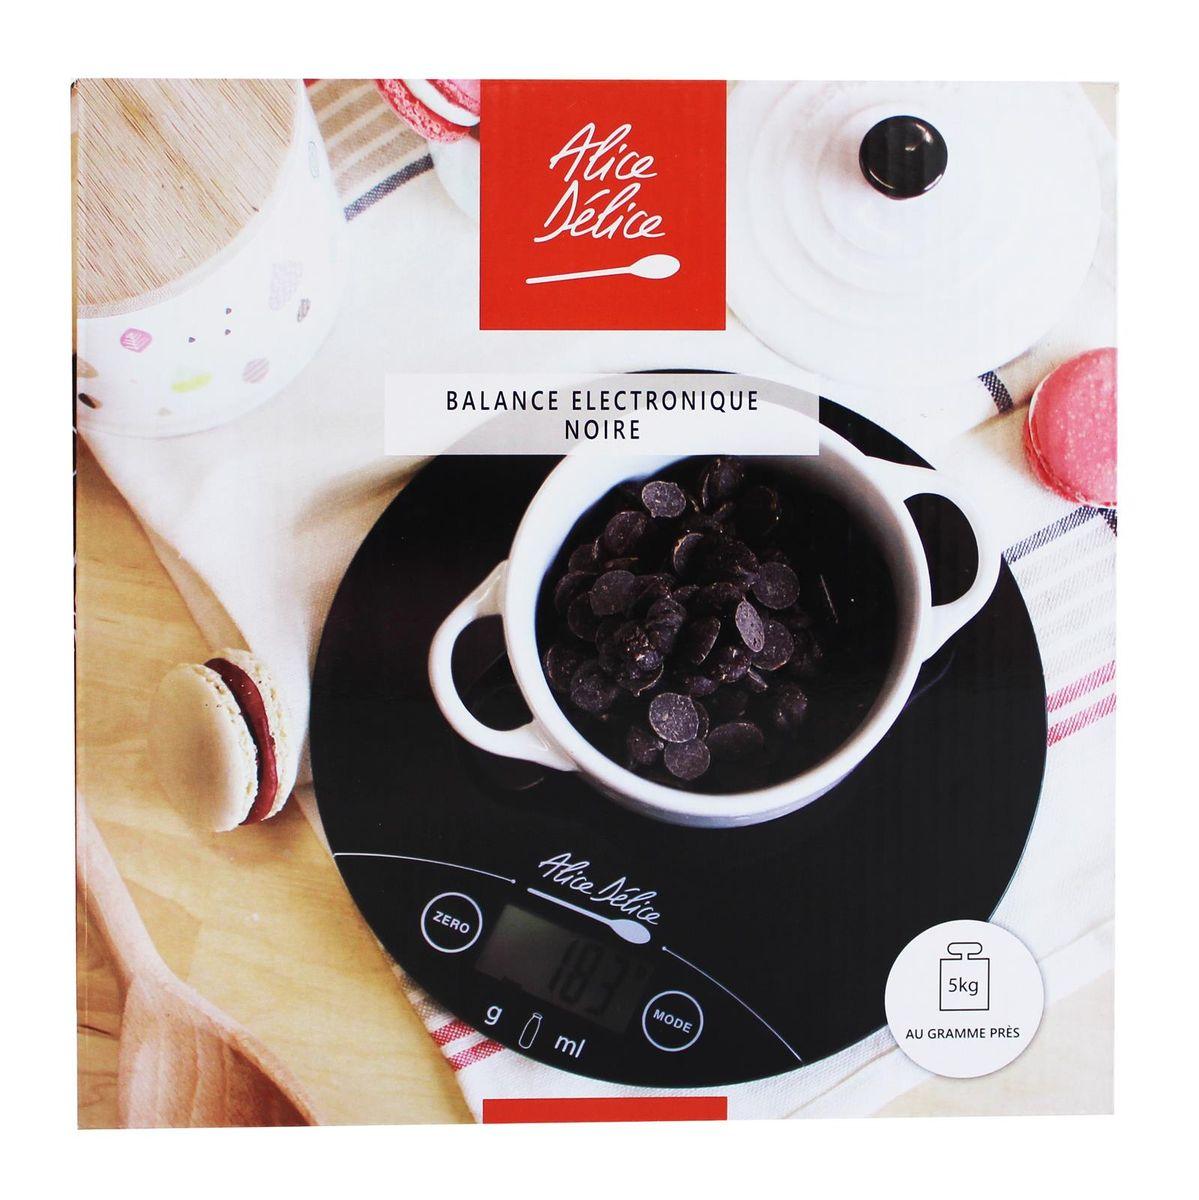 Balance digitale ronde noire - Alice Délice